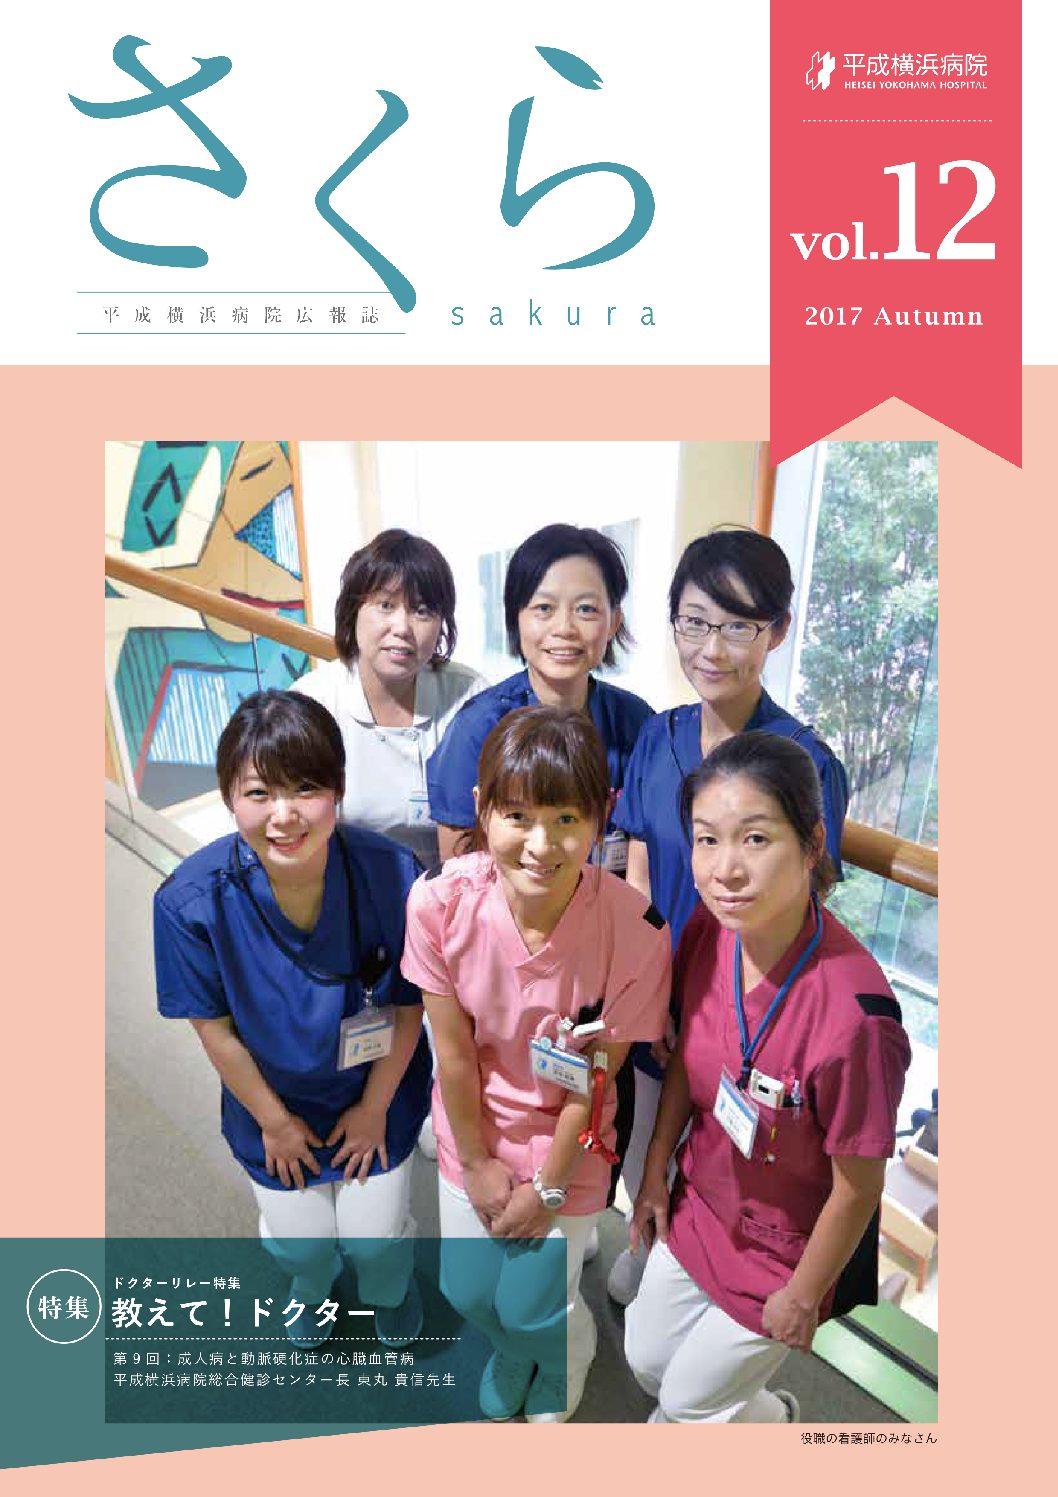 さくら Vol.12